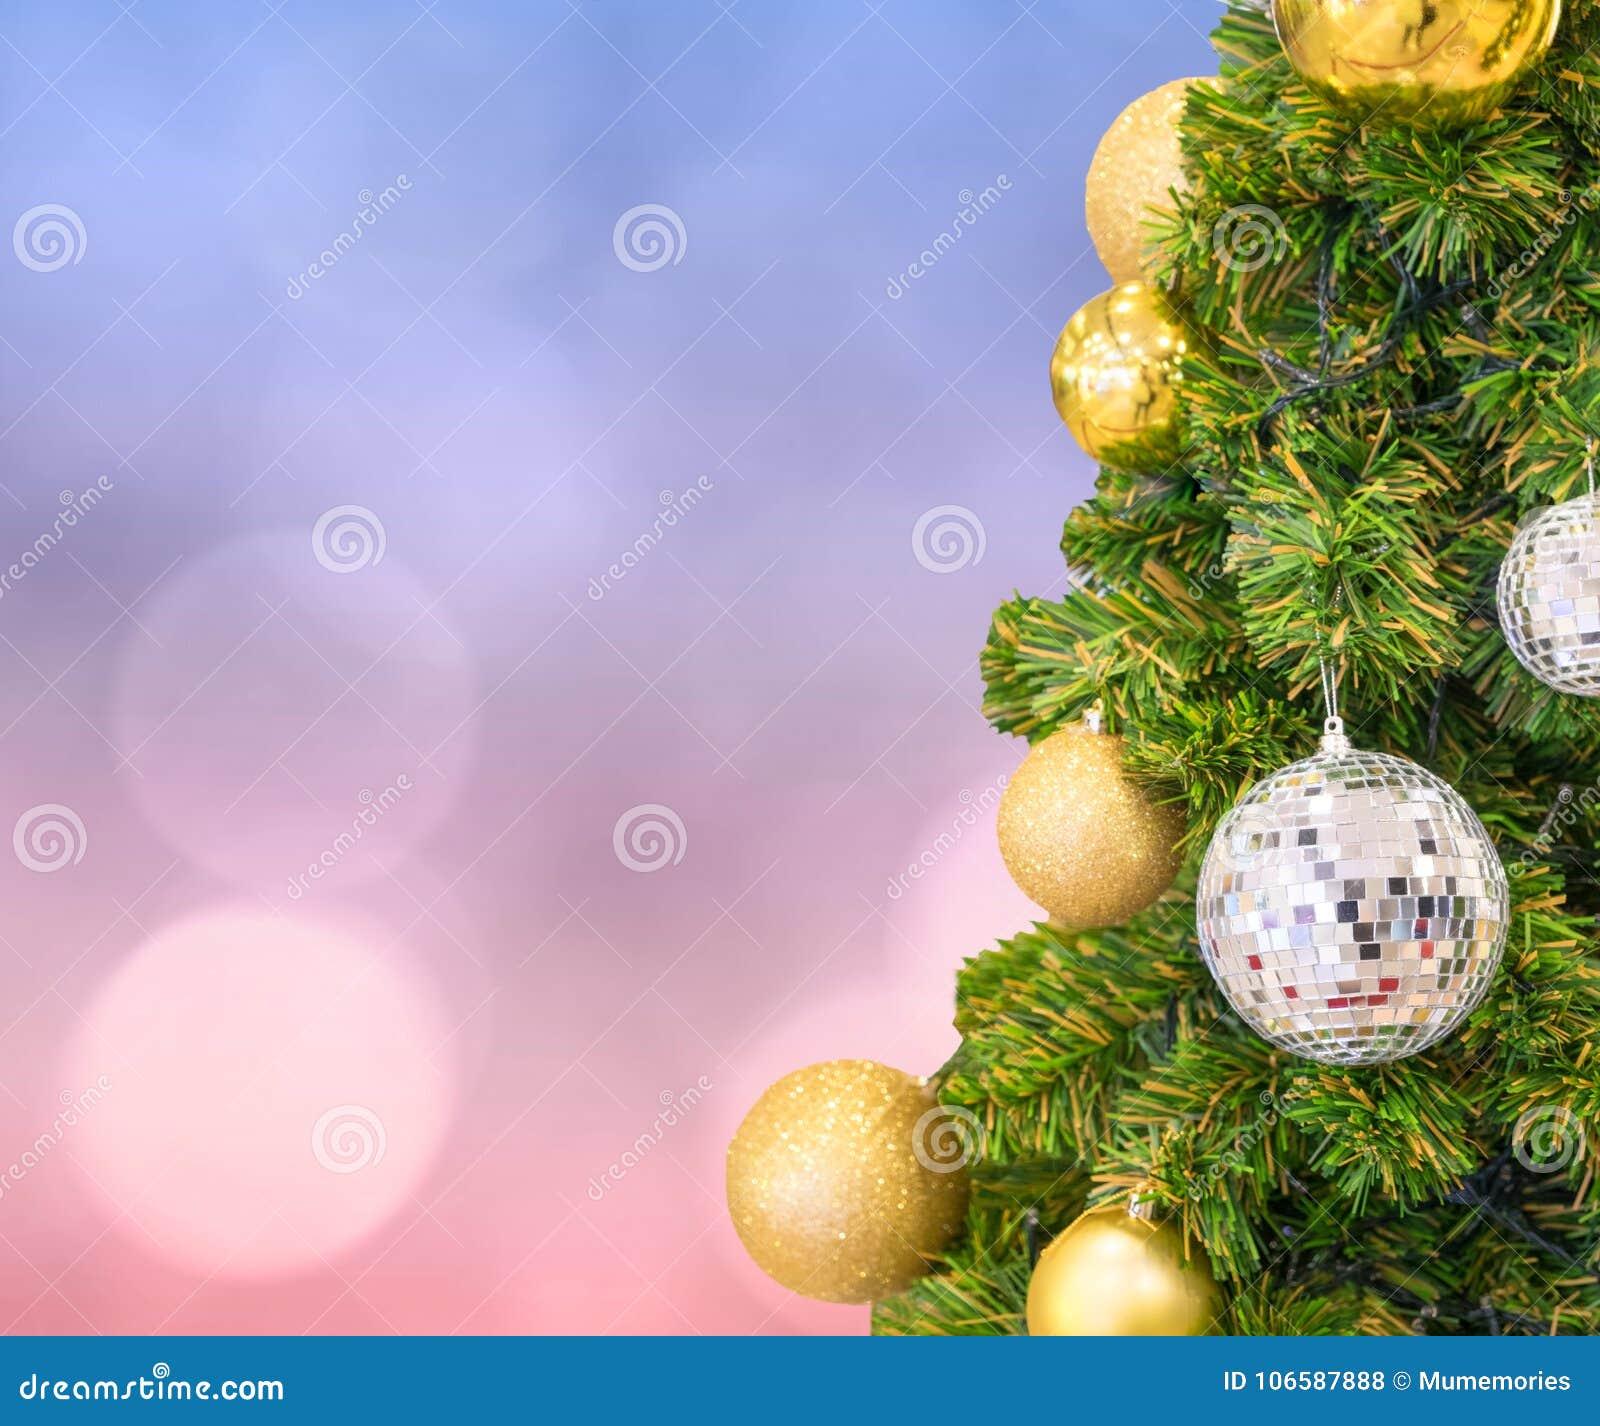 Arbol De Navidad Con La Decoracion De La Bola En Bokeh En Colores